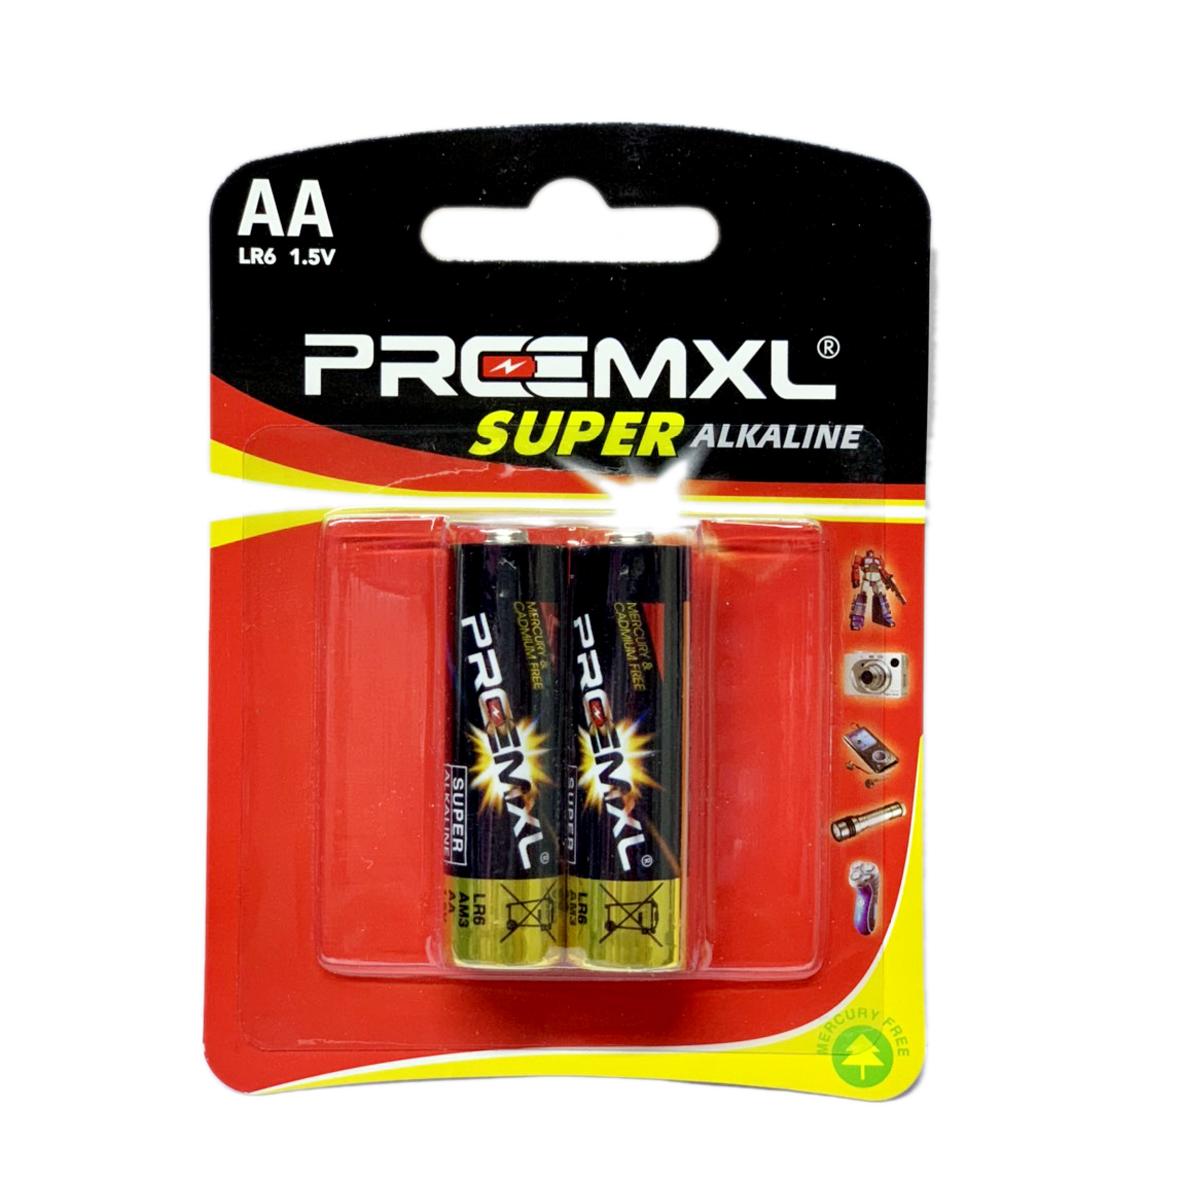 Pin AA PREEMXL Super Alkaline 1.5v